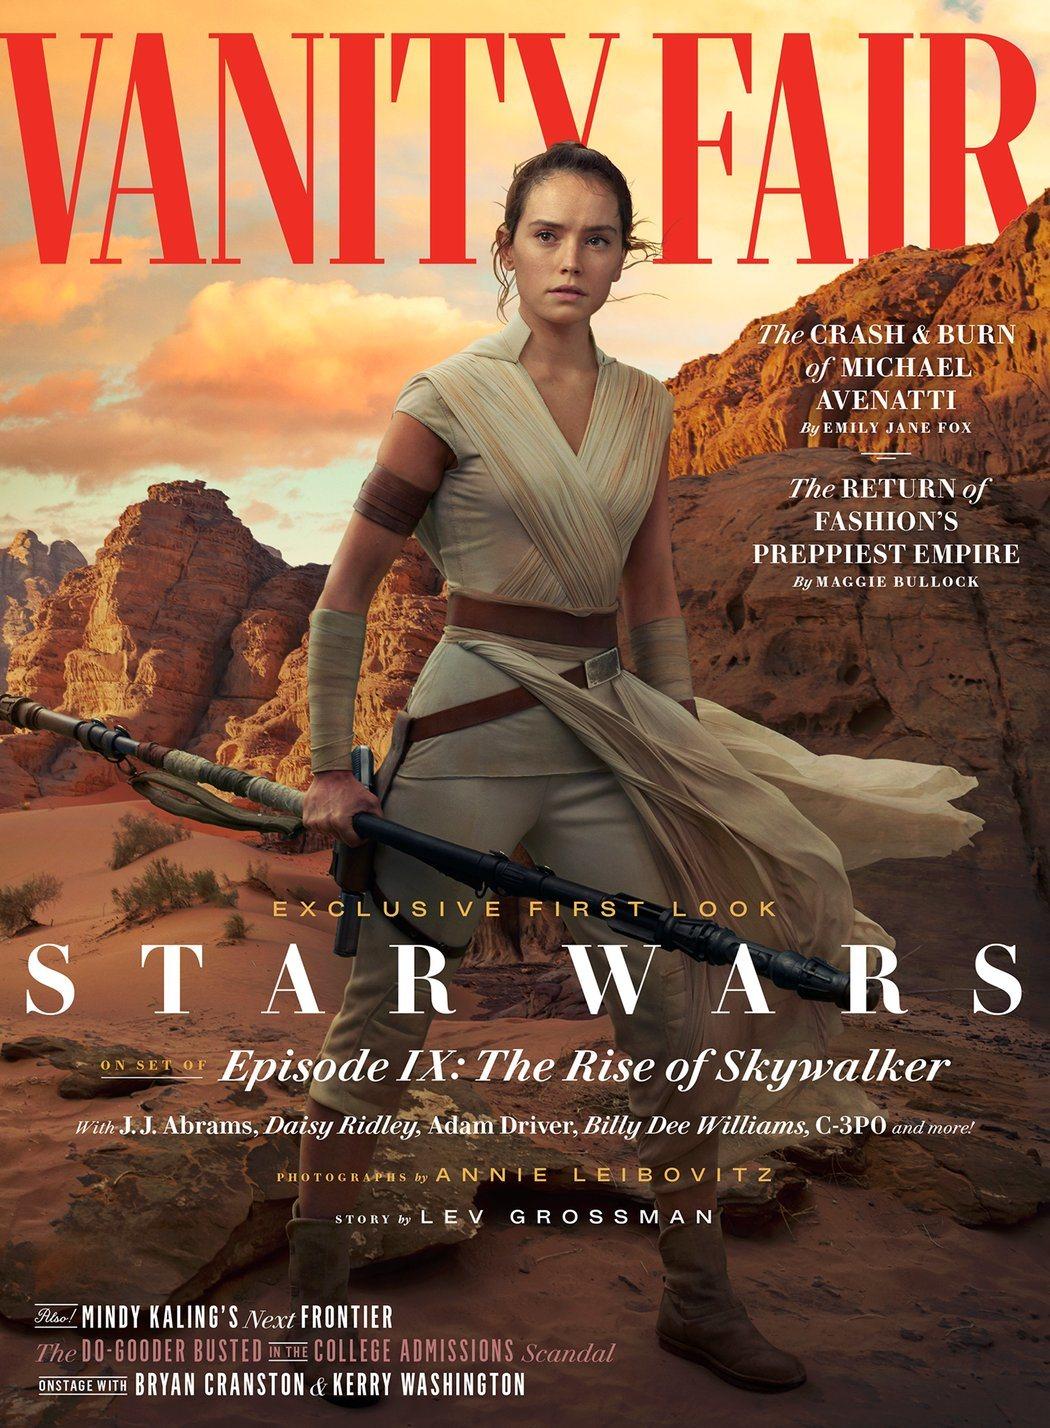 Daisy Ridley protagoniza una de las dos portadas de Vanity Fair